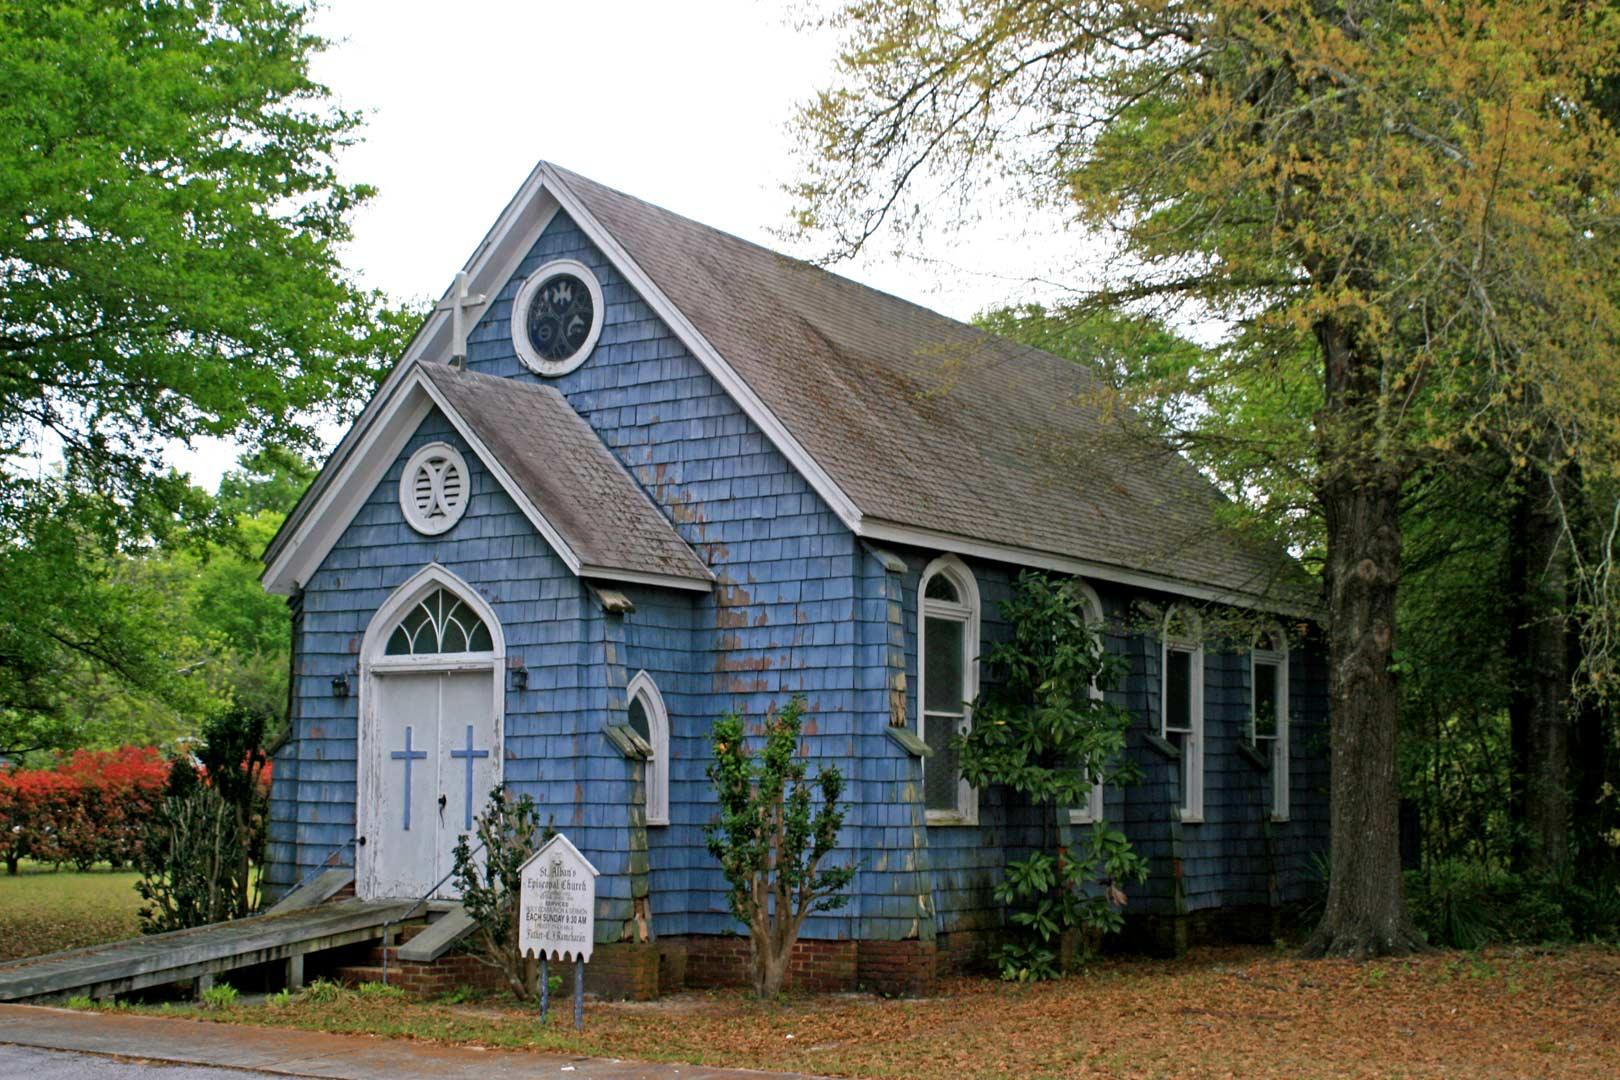 Saint Alban's Episcopal Church